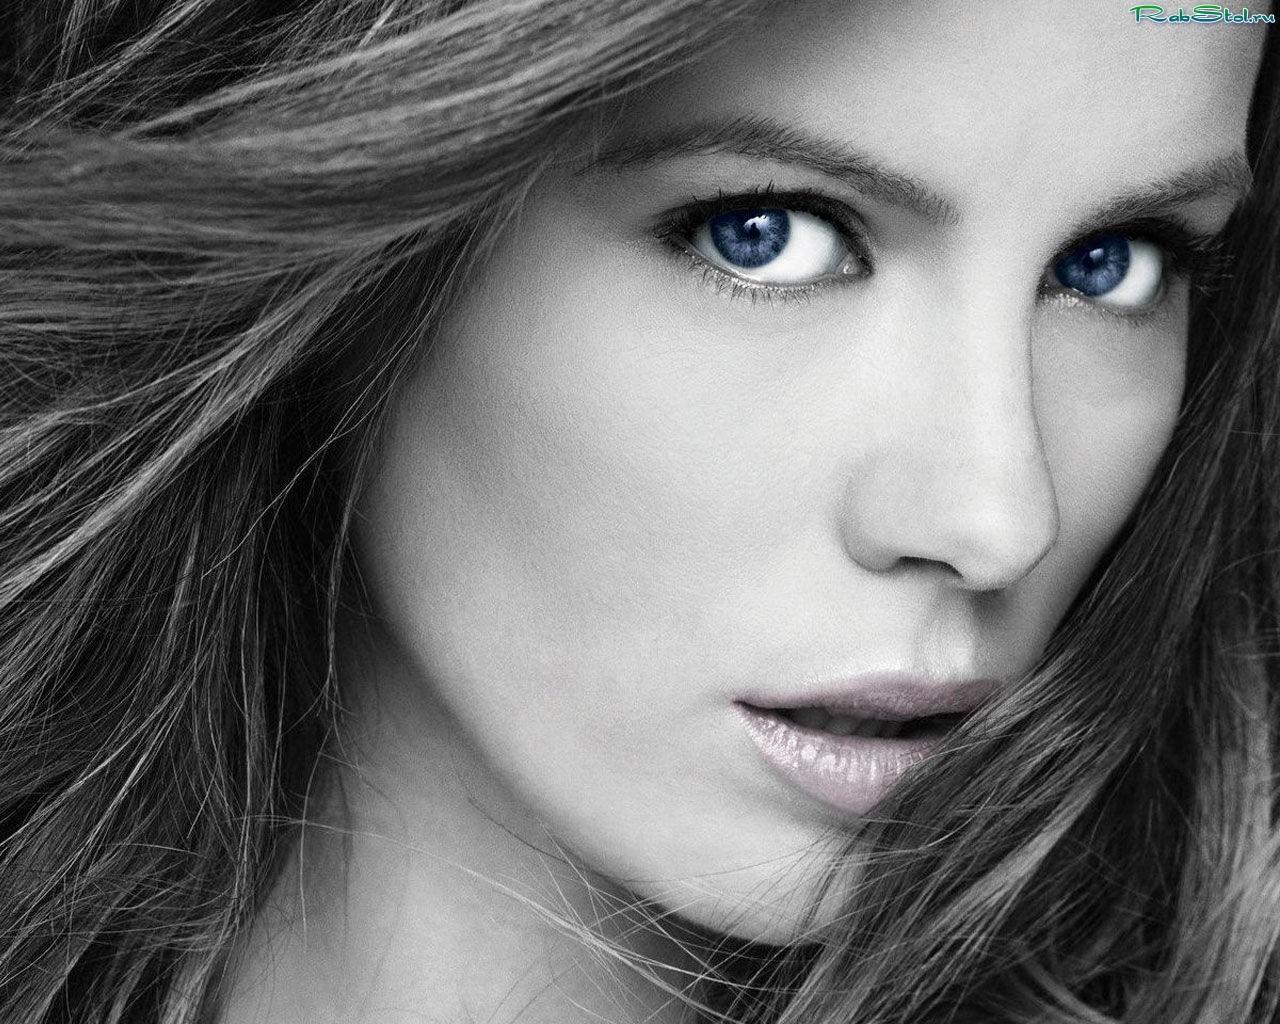 Третья: Девочка с голубыми глазами - Kinopoisk Ru